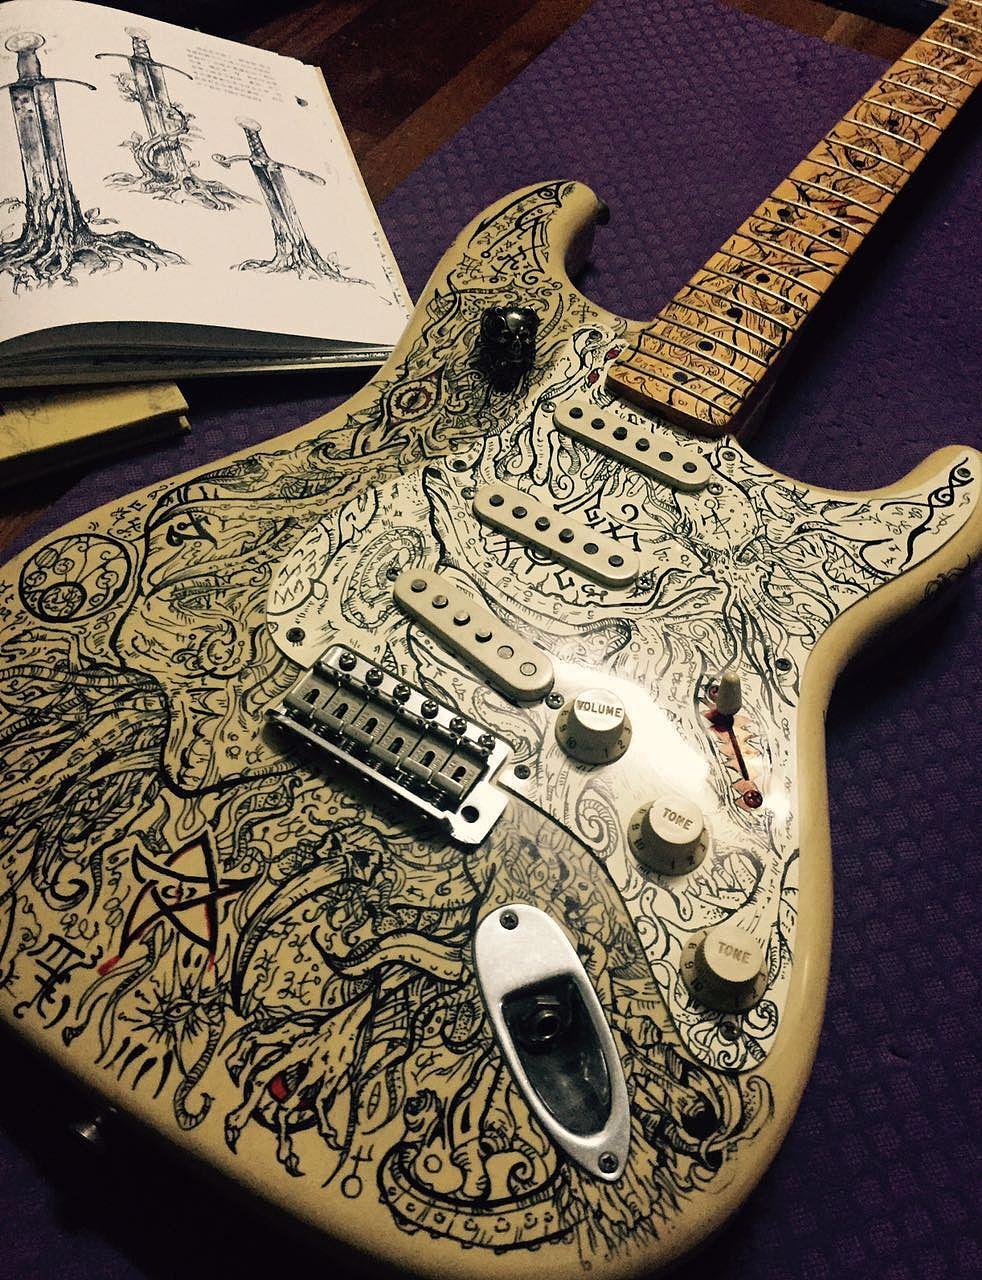 克苏鲁之歌-电吉他手绘